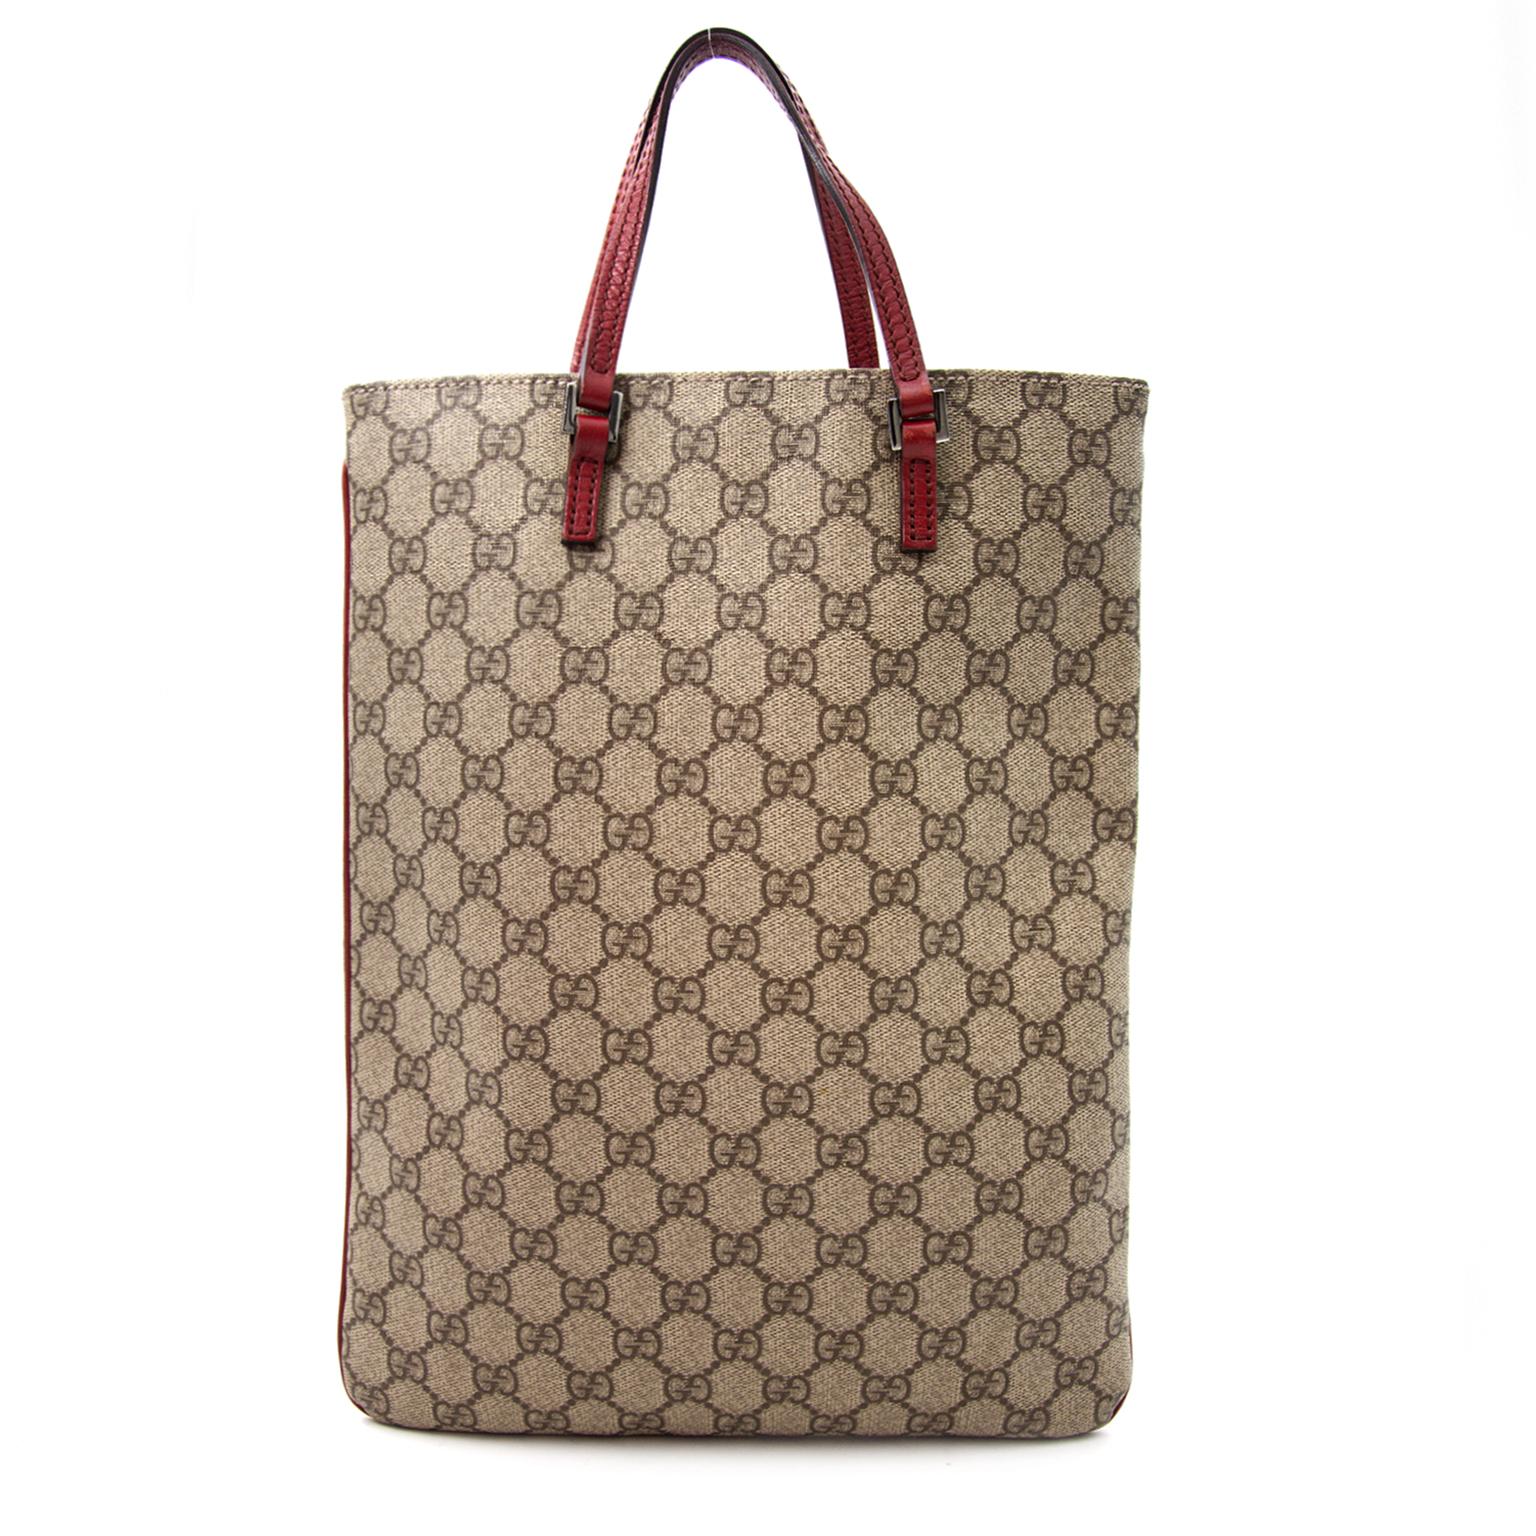 7dc6796dfaa ... te koop bij Labellov Bent u op zoek naar een designer Gucci Monogram  Coated Canvas handtas voor het werk?